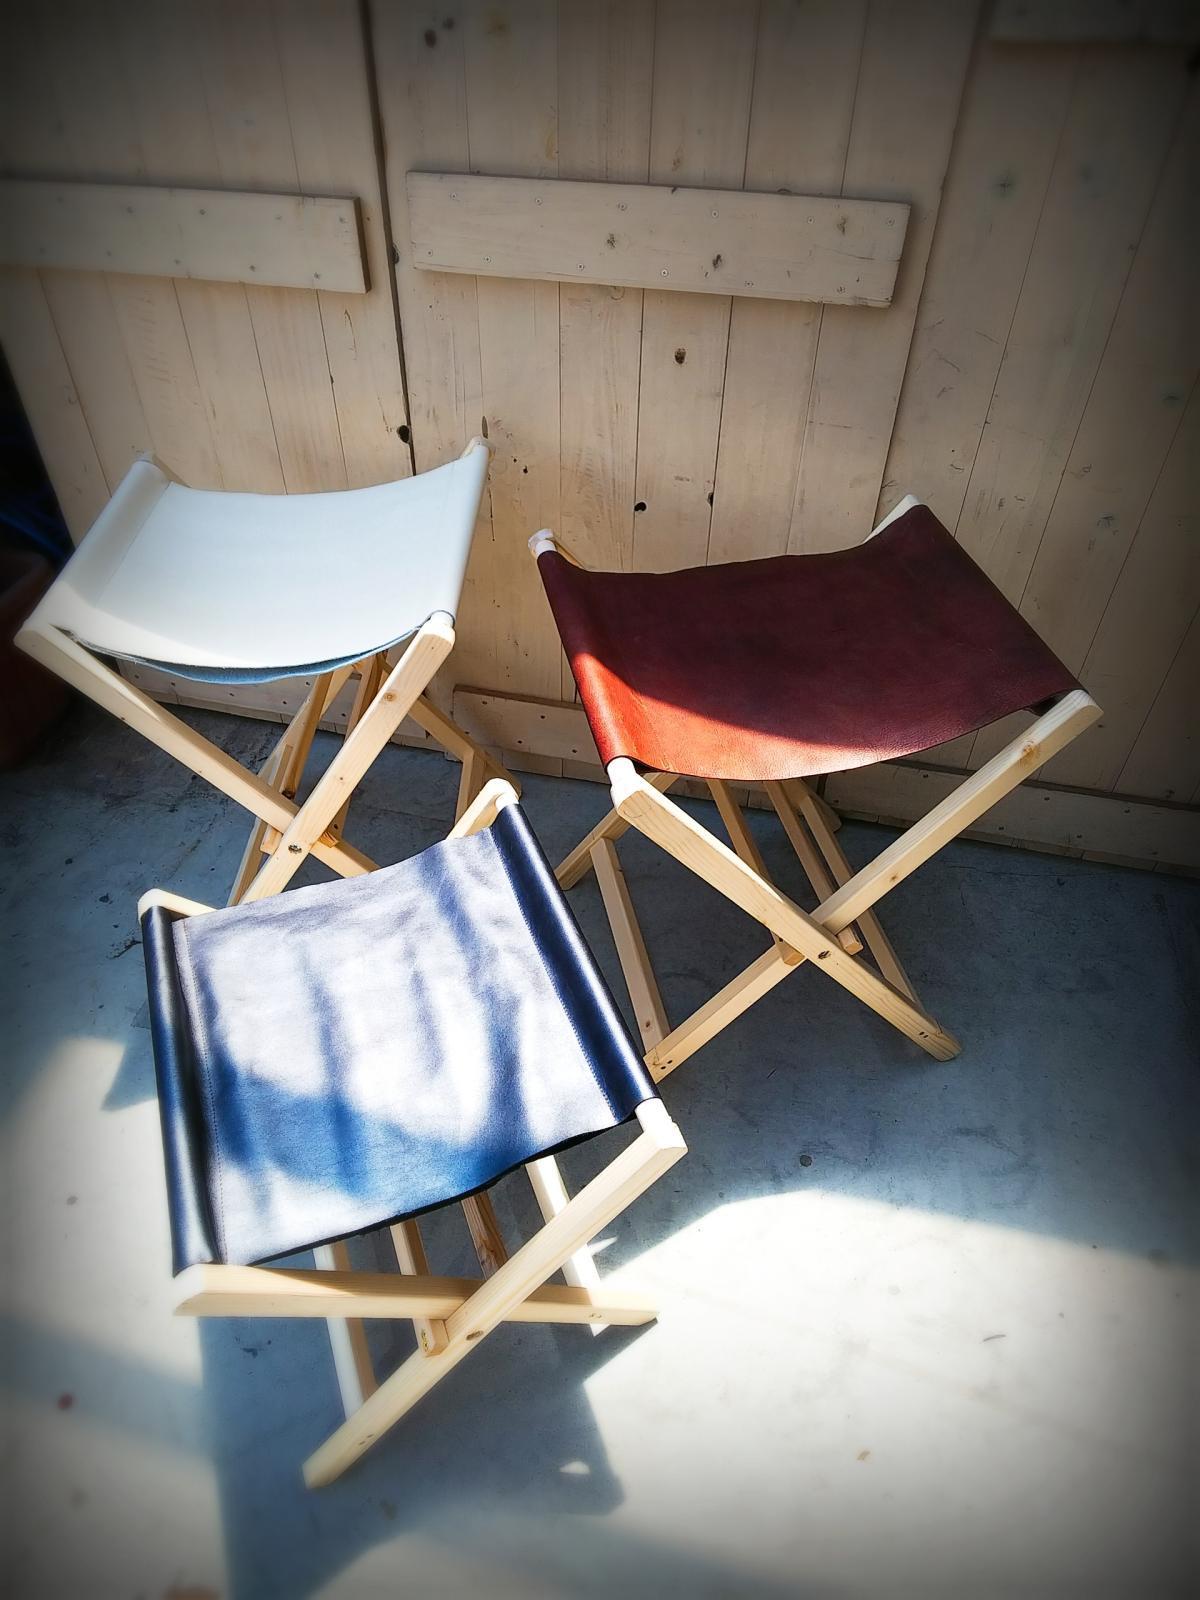 革の折り畳み式椅子です。